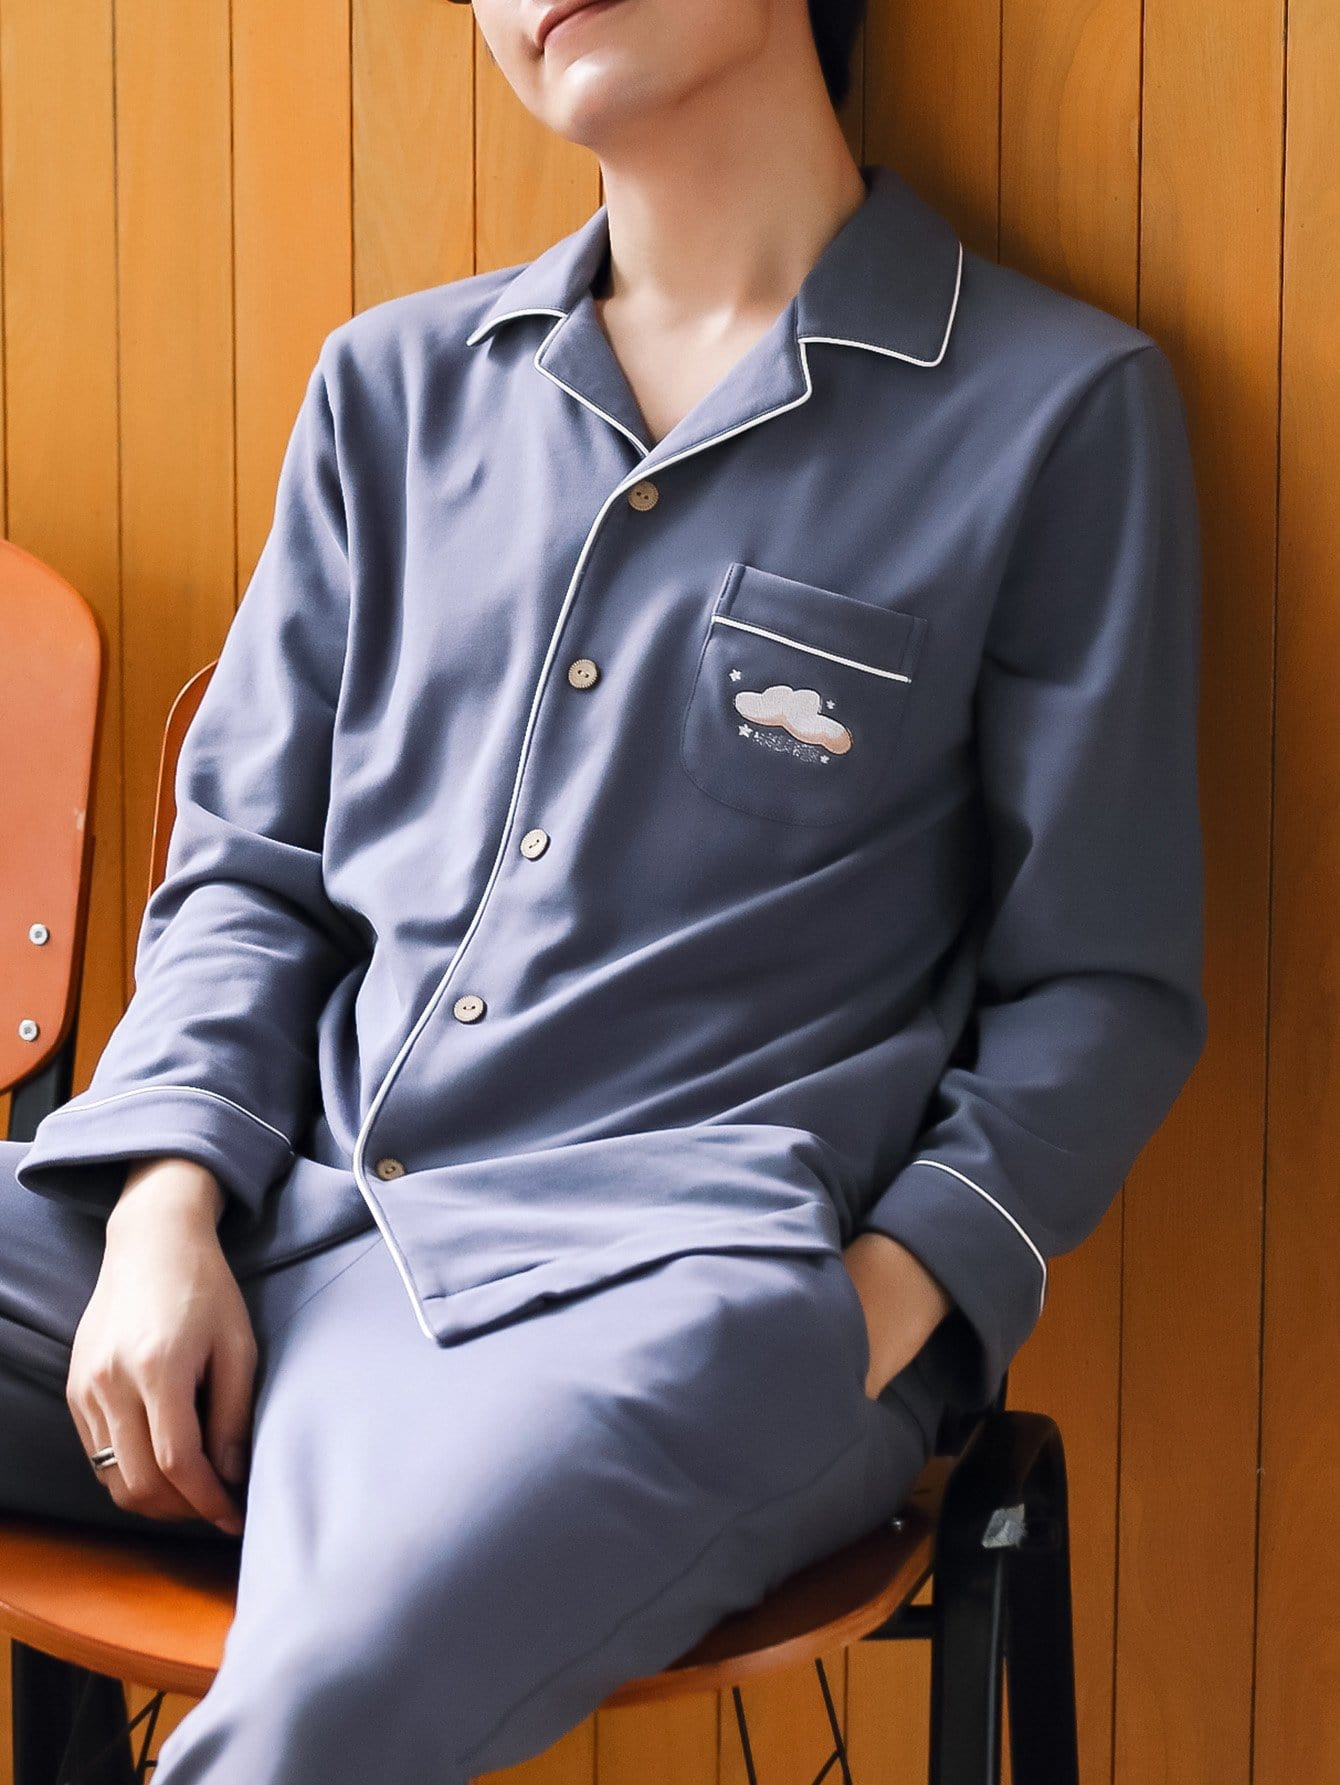 Купить Комплект пижамы с украшением пуговицы и с рисунками вышитых облак для мужчины, null, SheIn